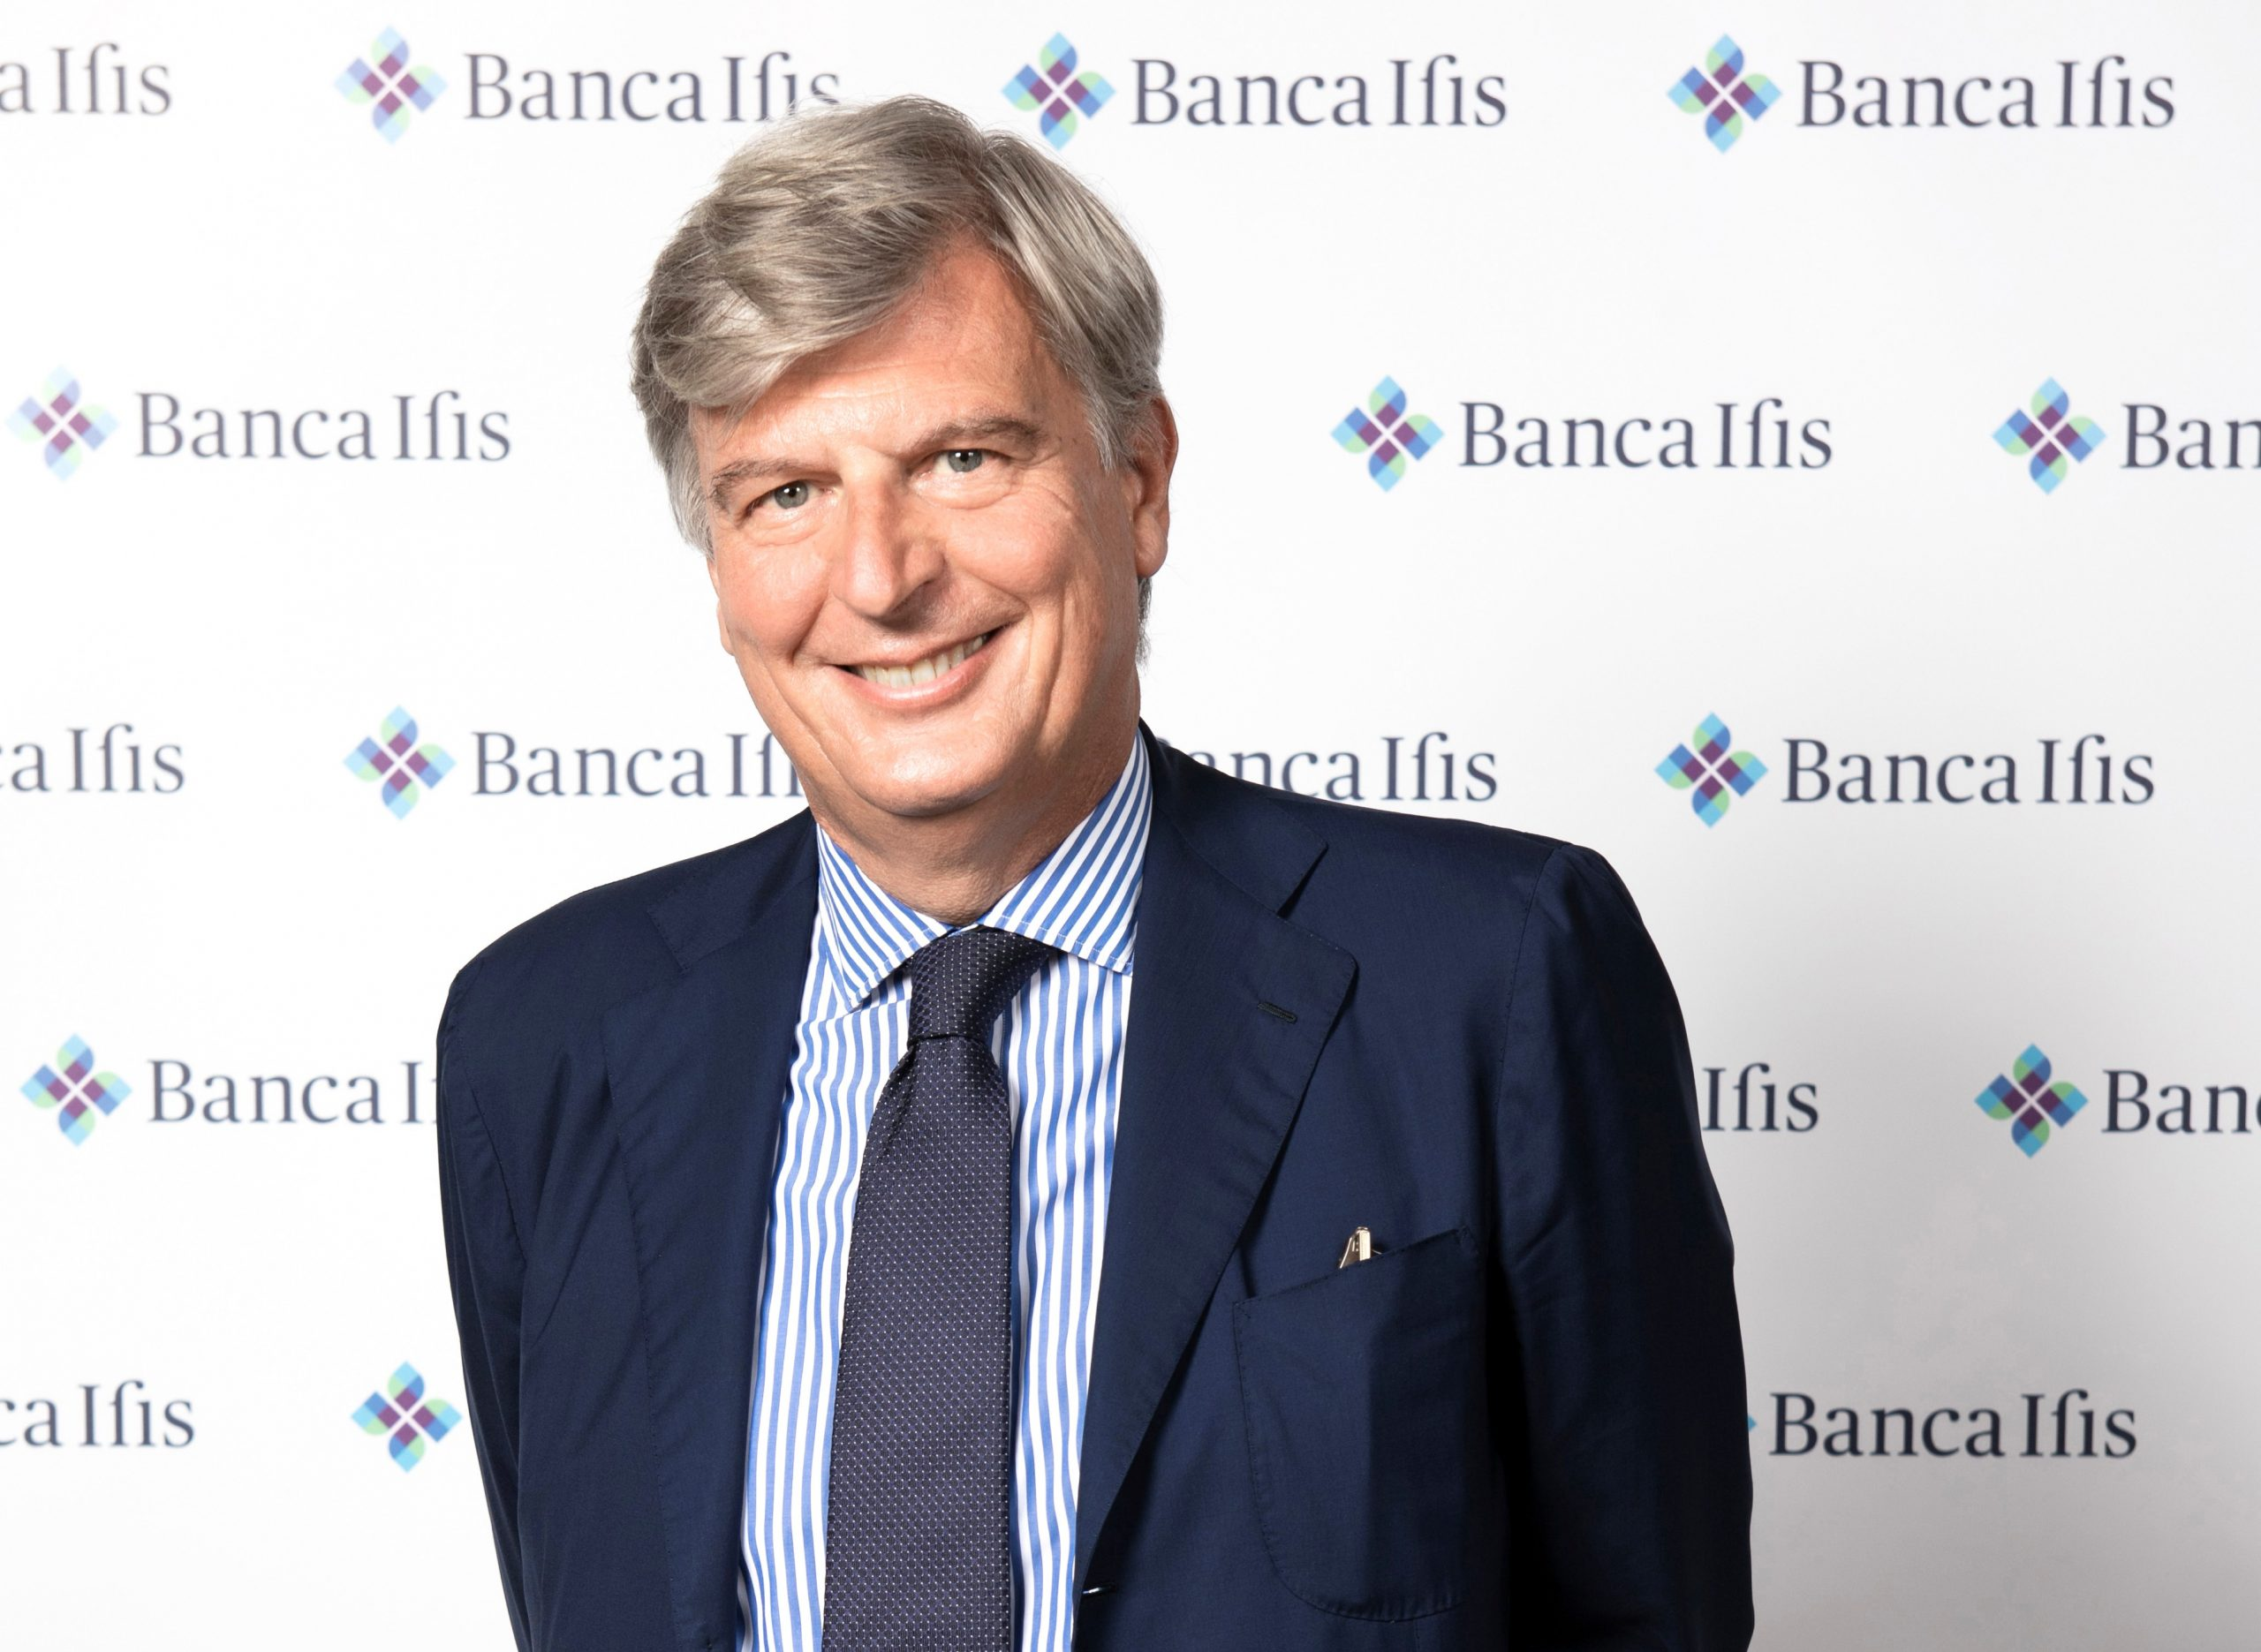 banca-ifis,-utile-netto-2020-supera-guidance